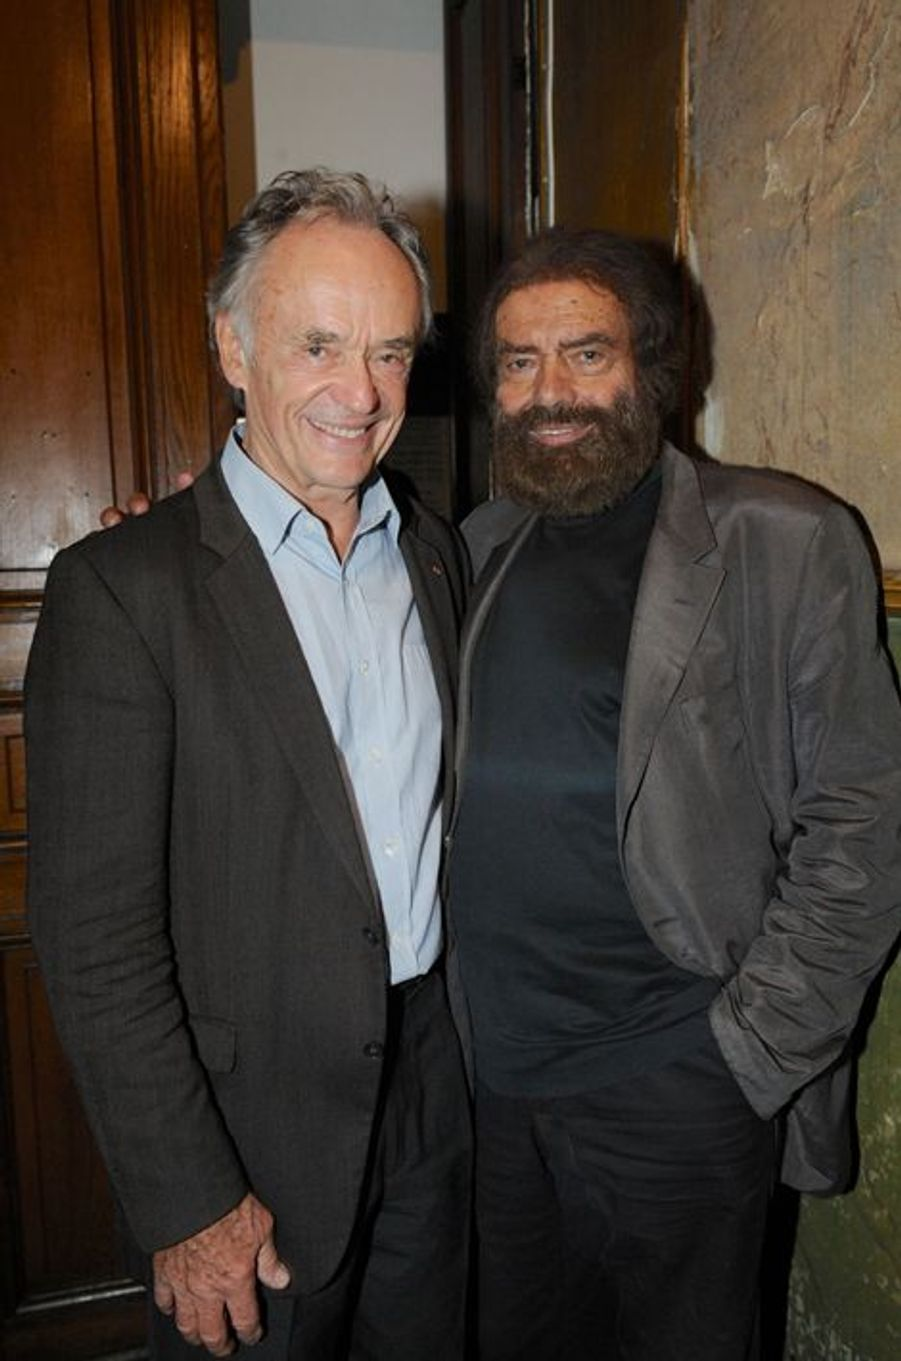 Jean-Claude Casadesus et Marek Halter à Paris, le 28 septembre 2014